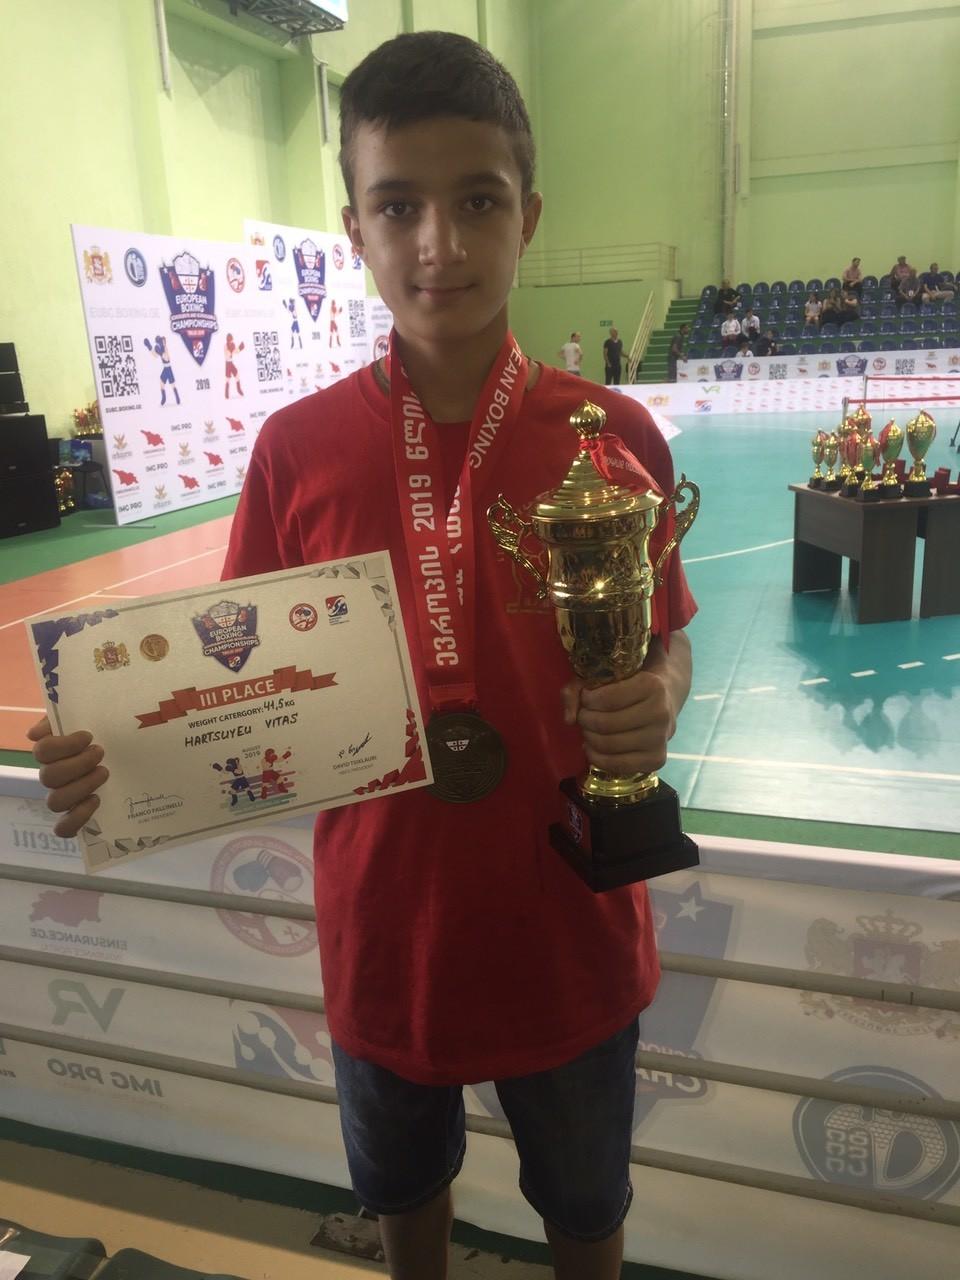 Гарцуев Витас завоевал бронзовую медаль